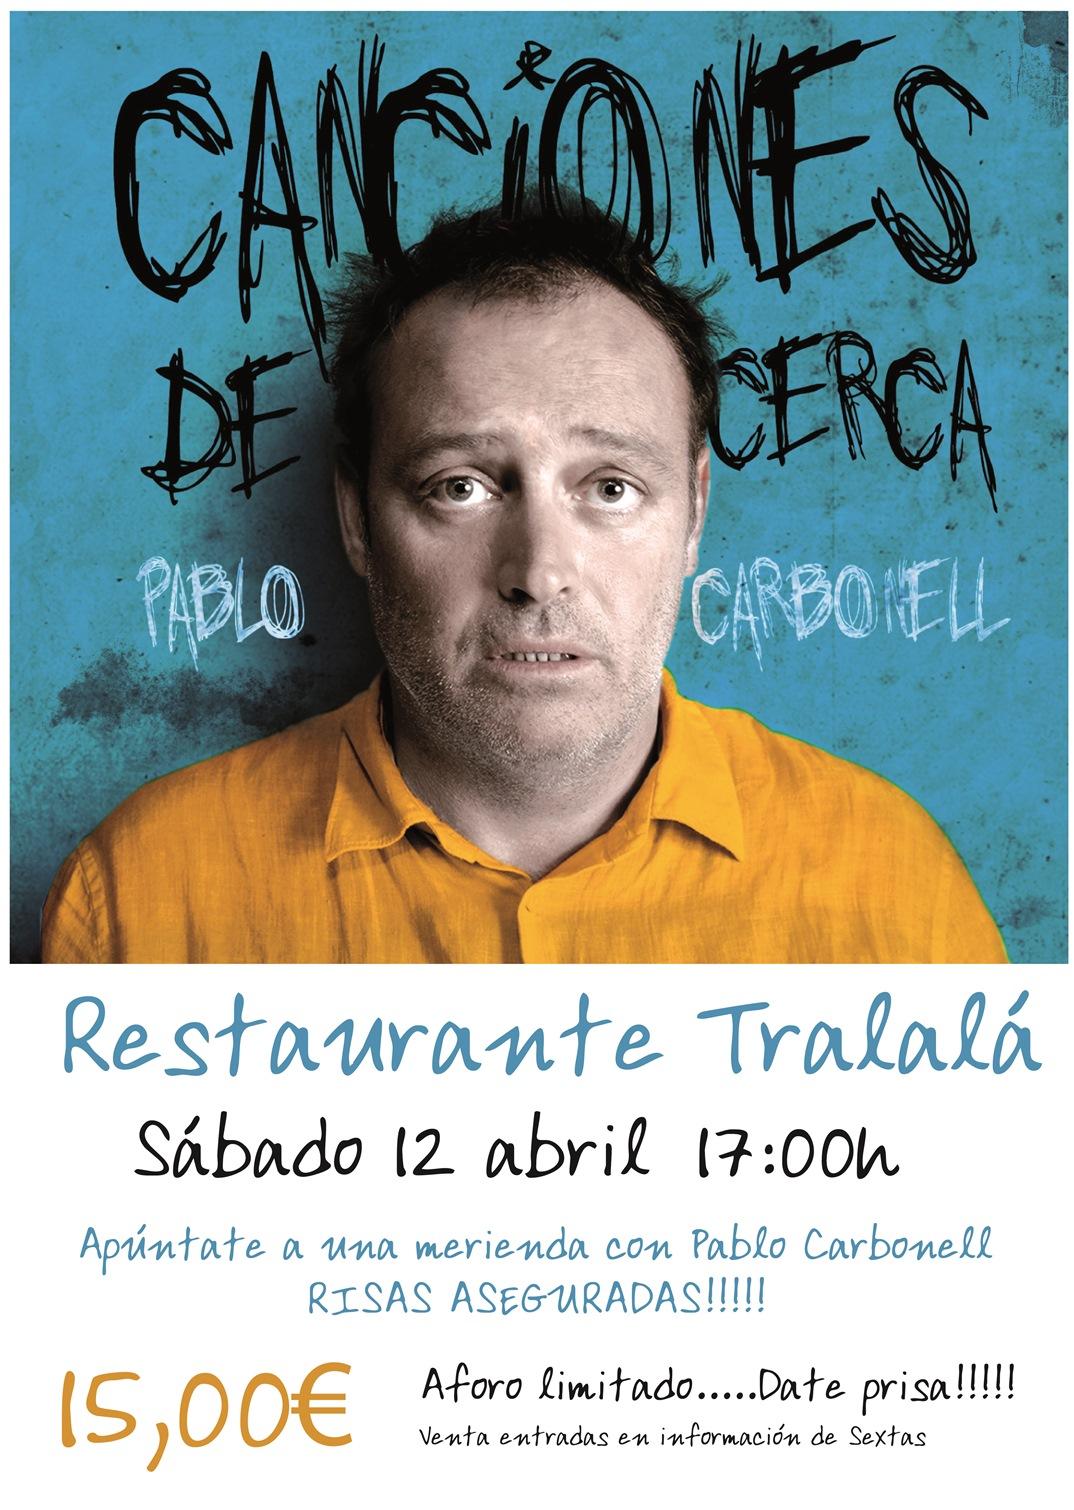 Pablo Carbonell en Tralalá este fin de semana